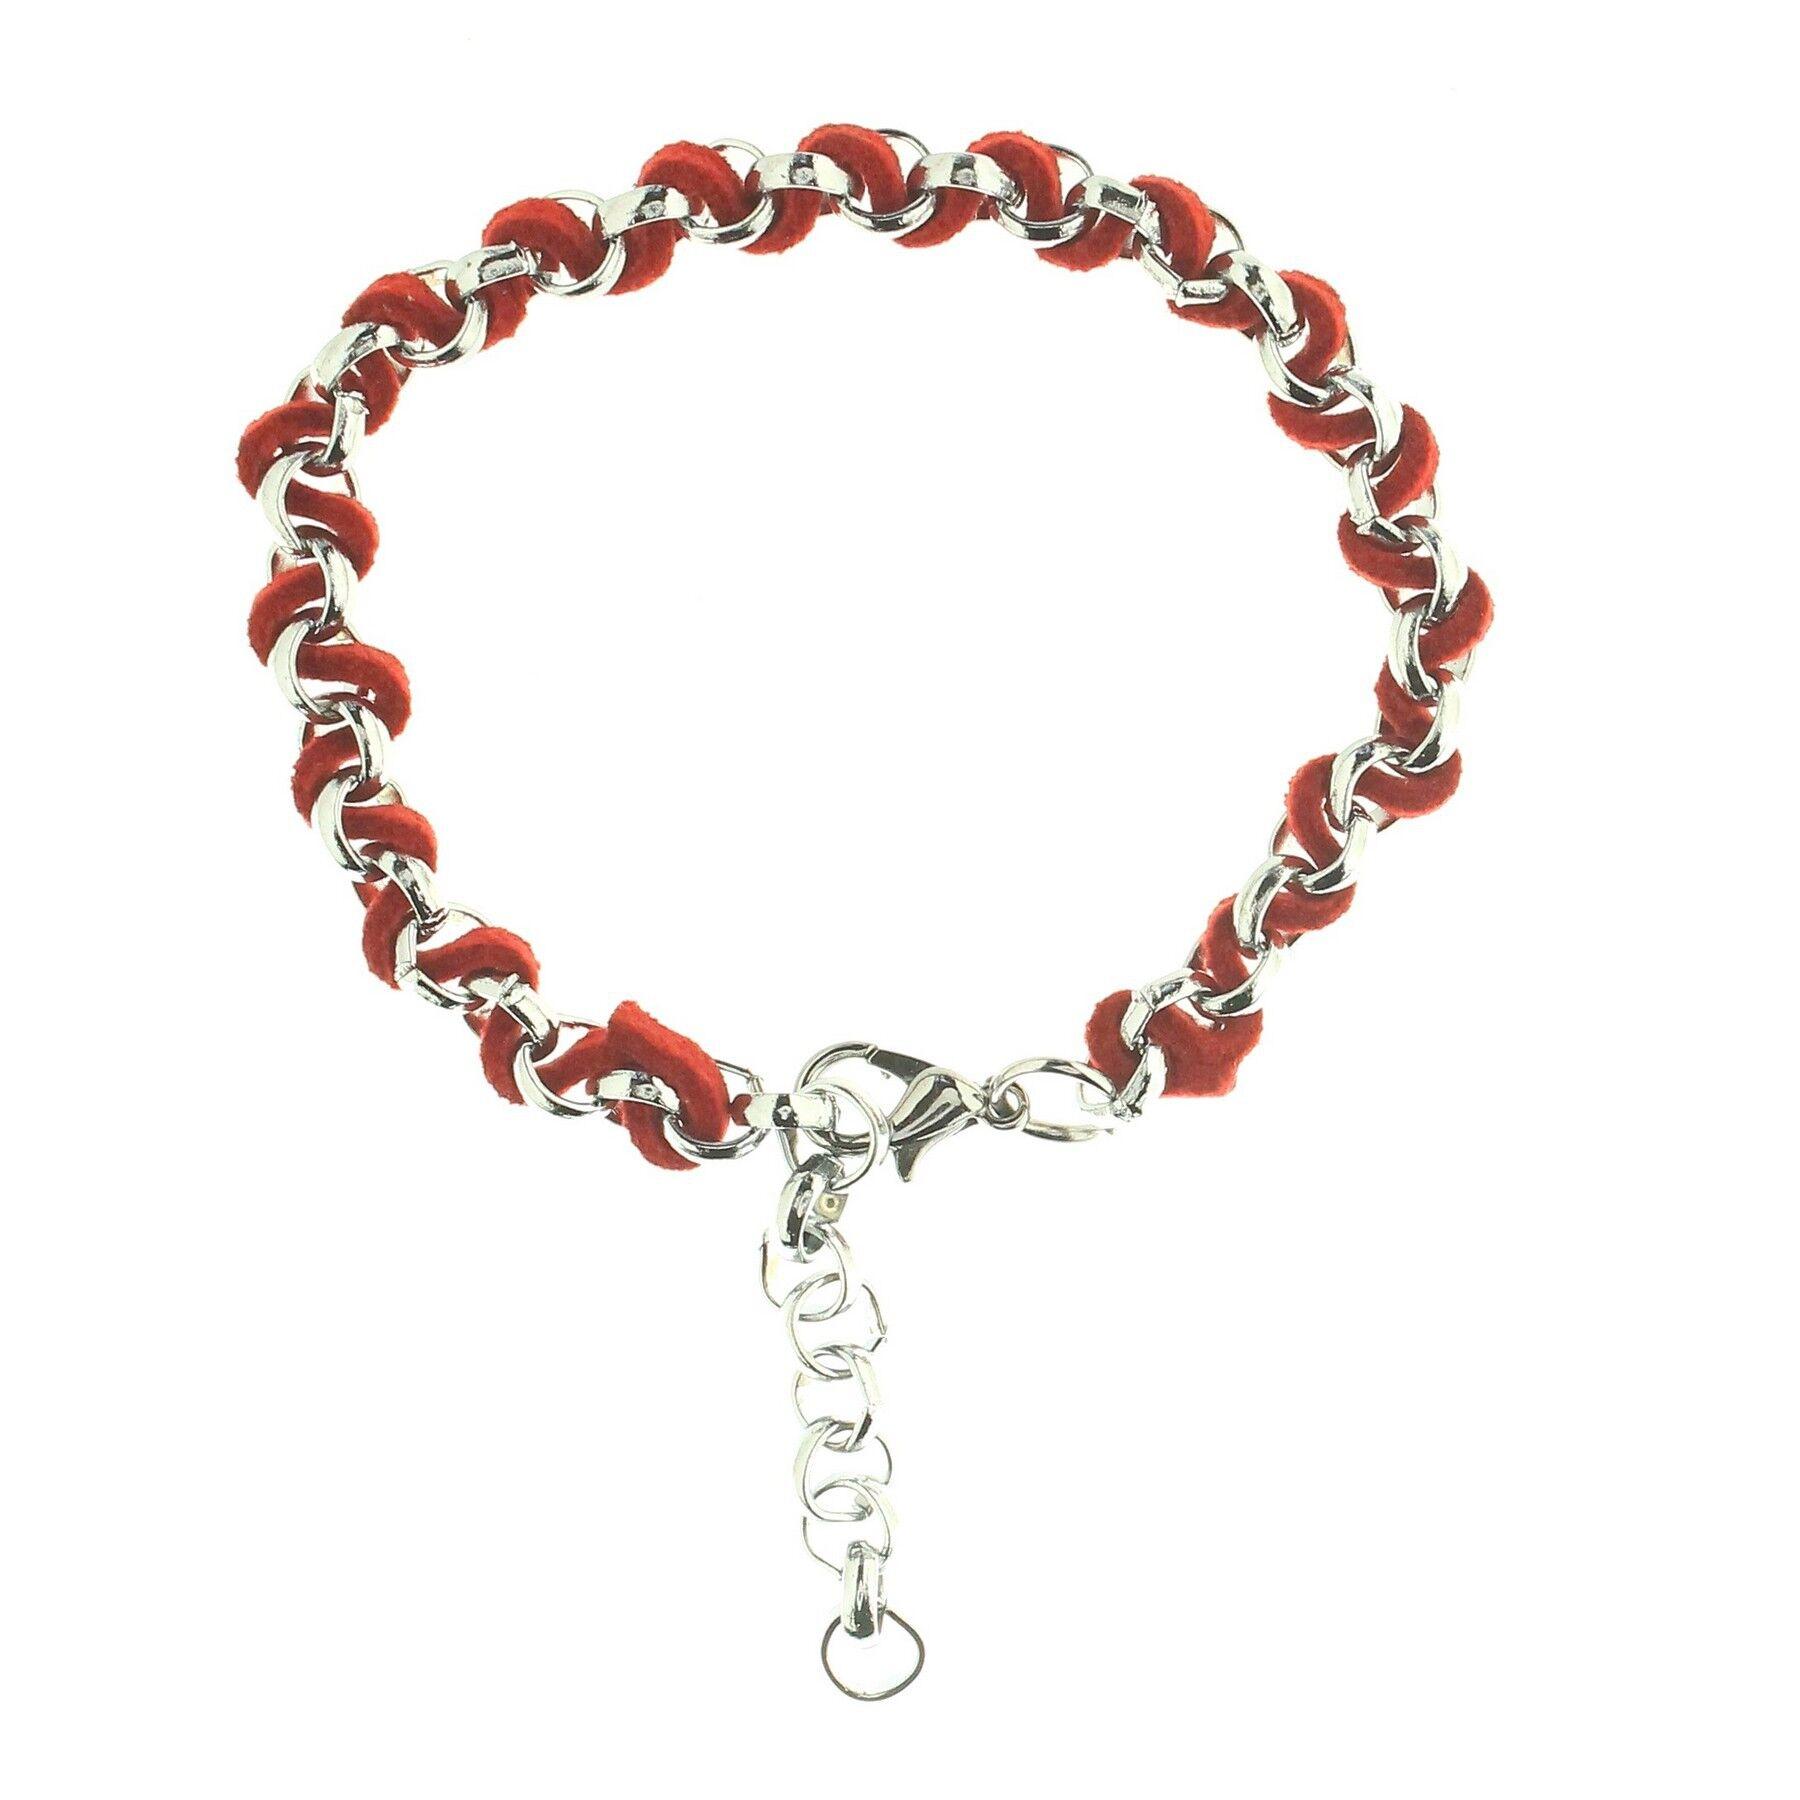 superbijoux Bracelet fantaisie homme femme enfant torsadé suédine rouge et acier